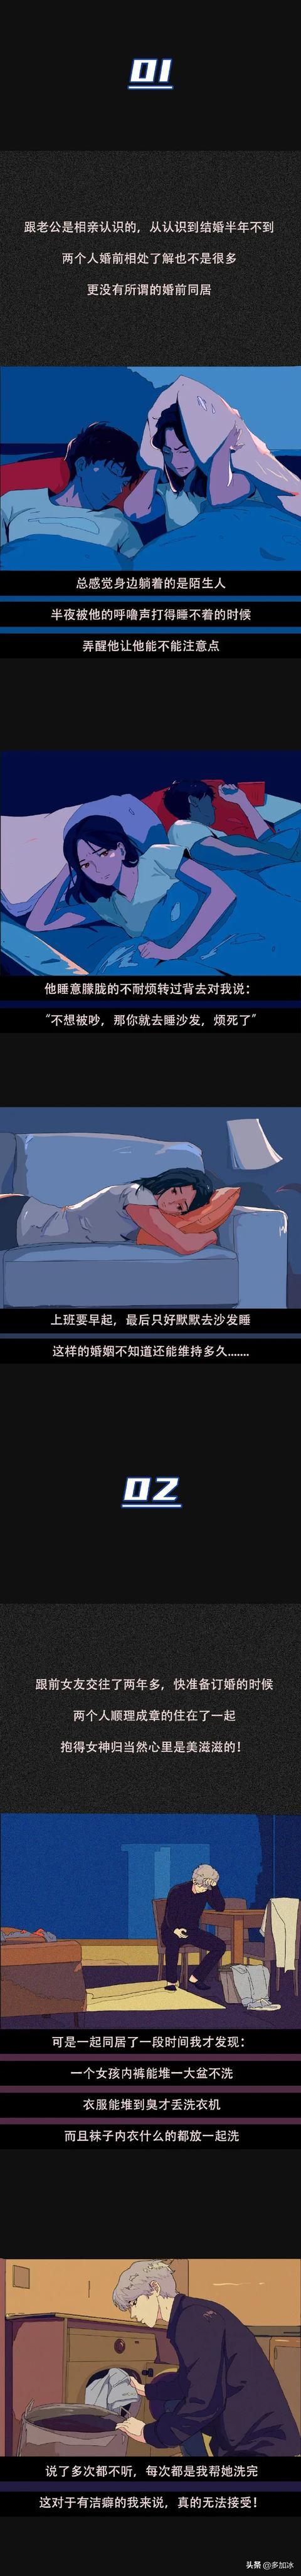 与岳母同居韩漫画